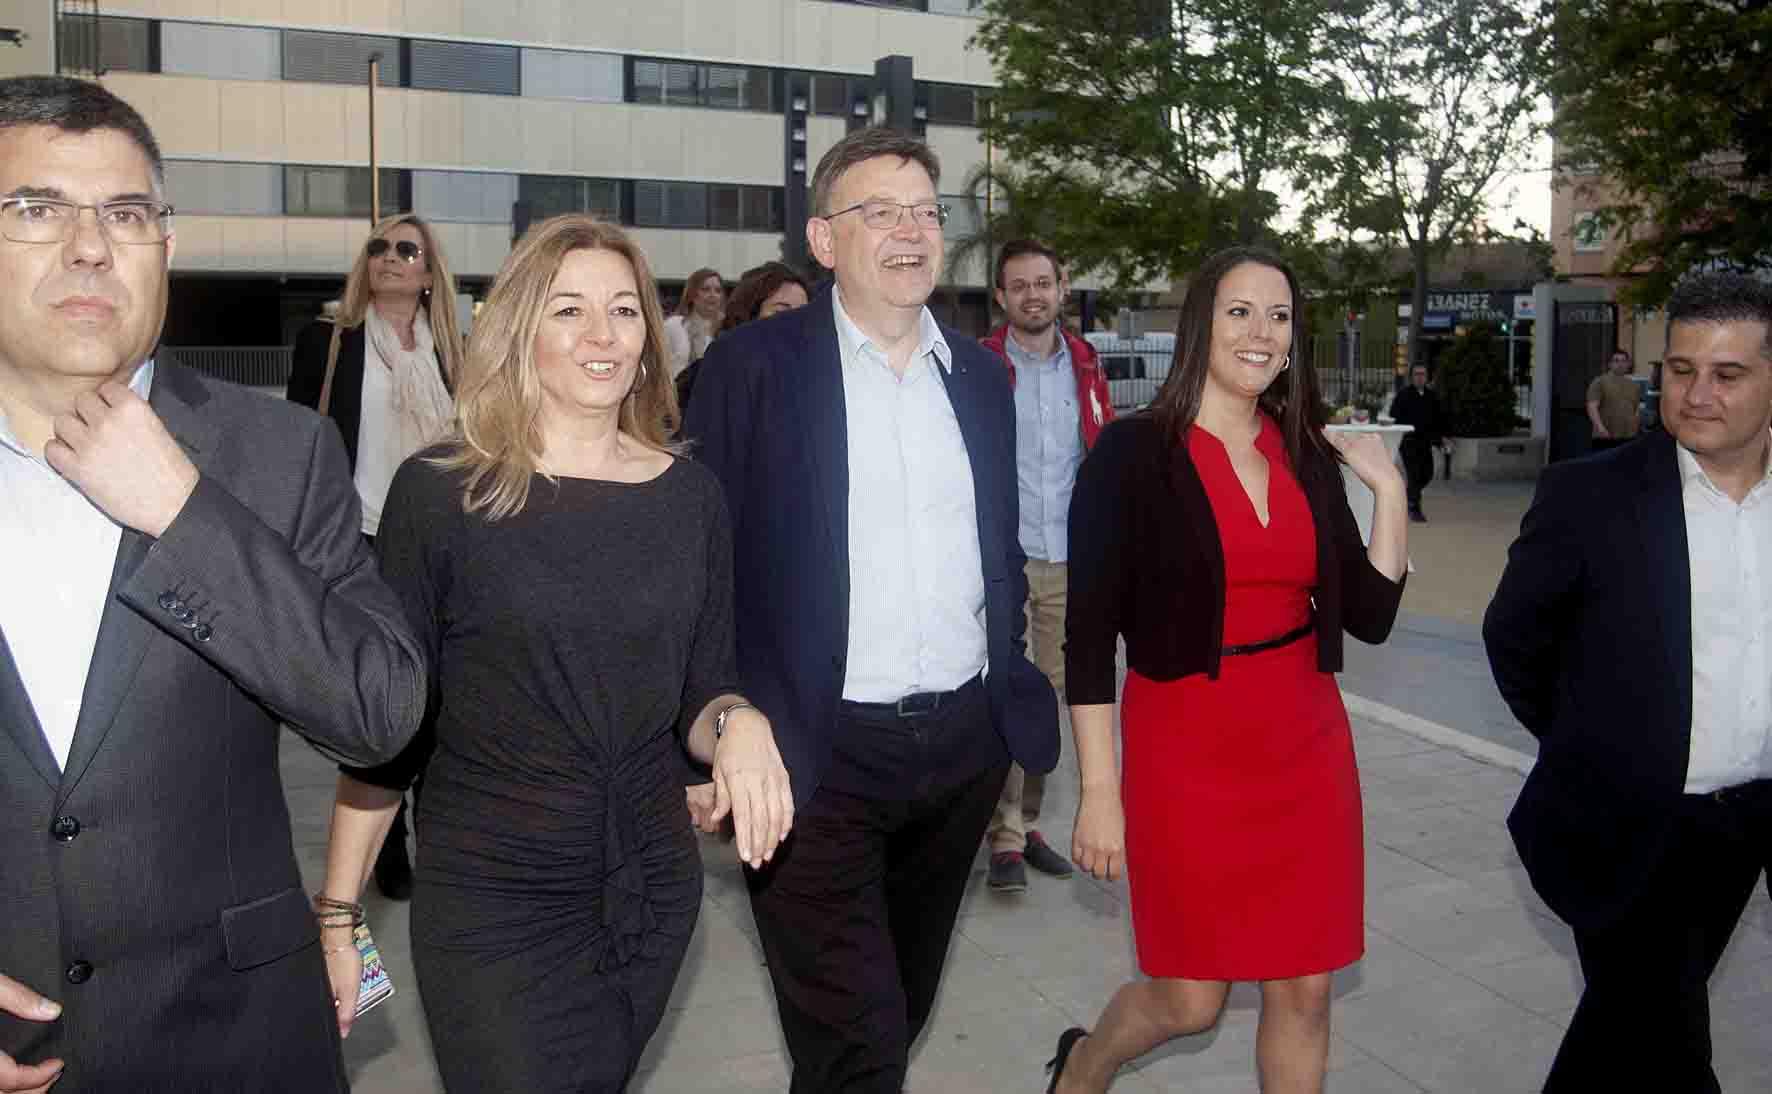 Los Socialistas Valencianos presentan una candidatura por el cambio en Moncada